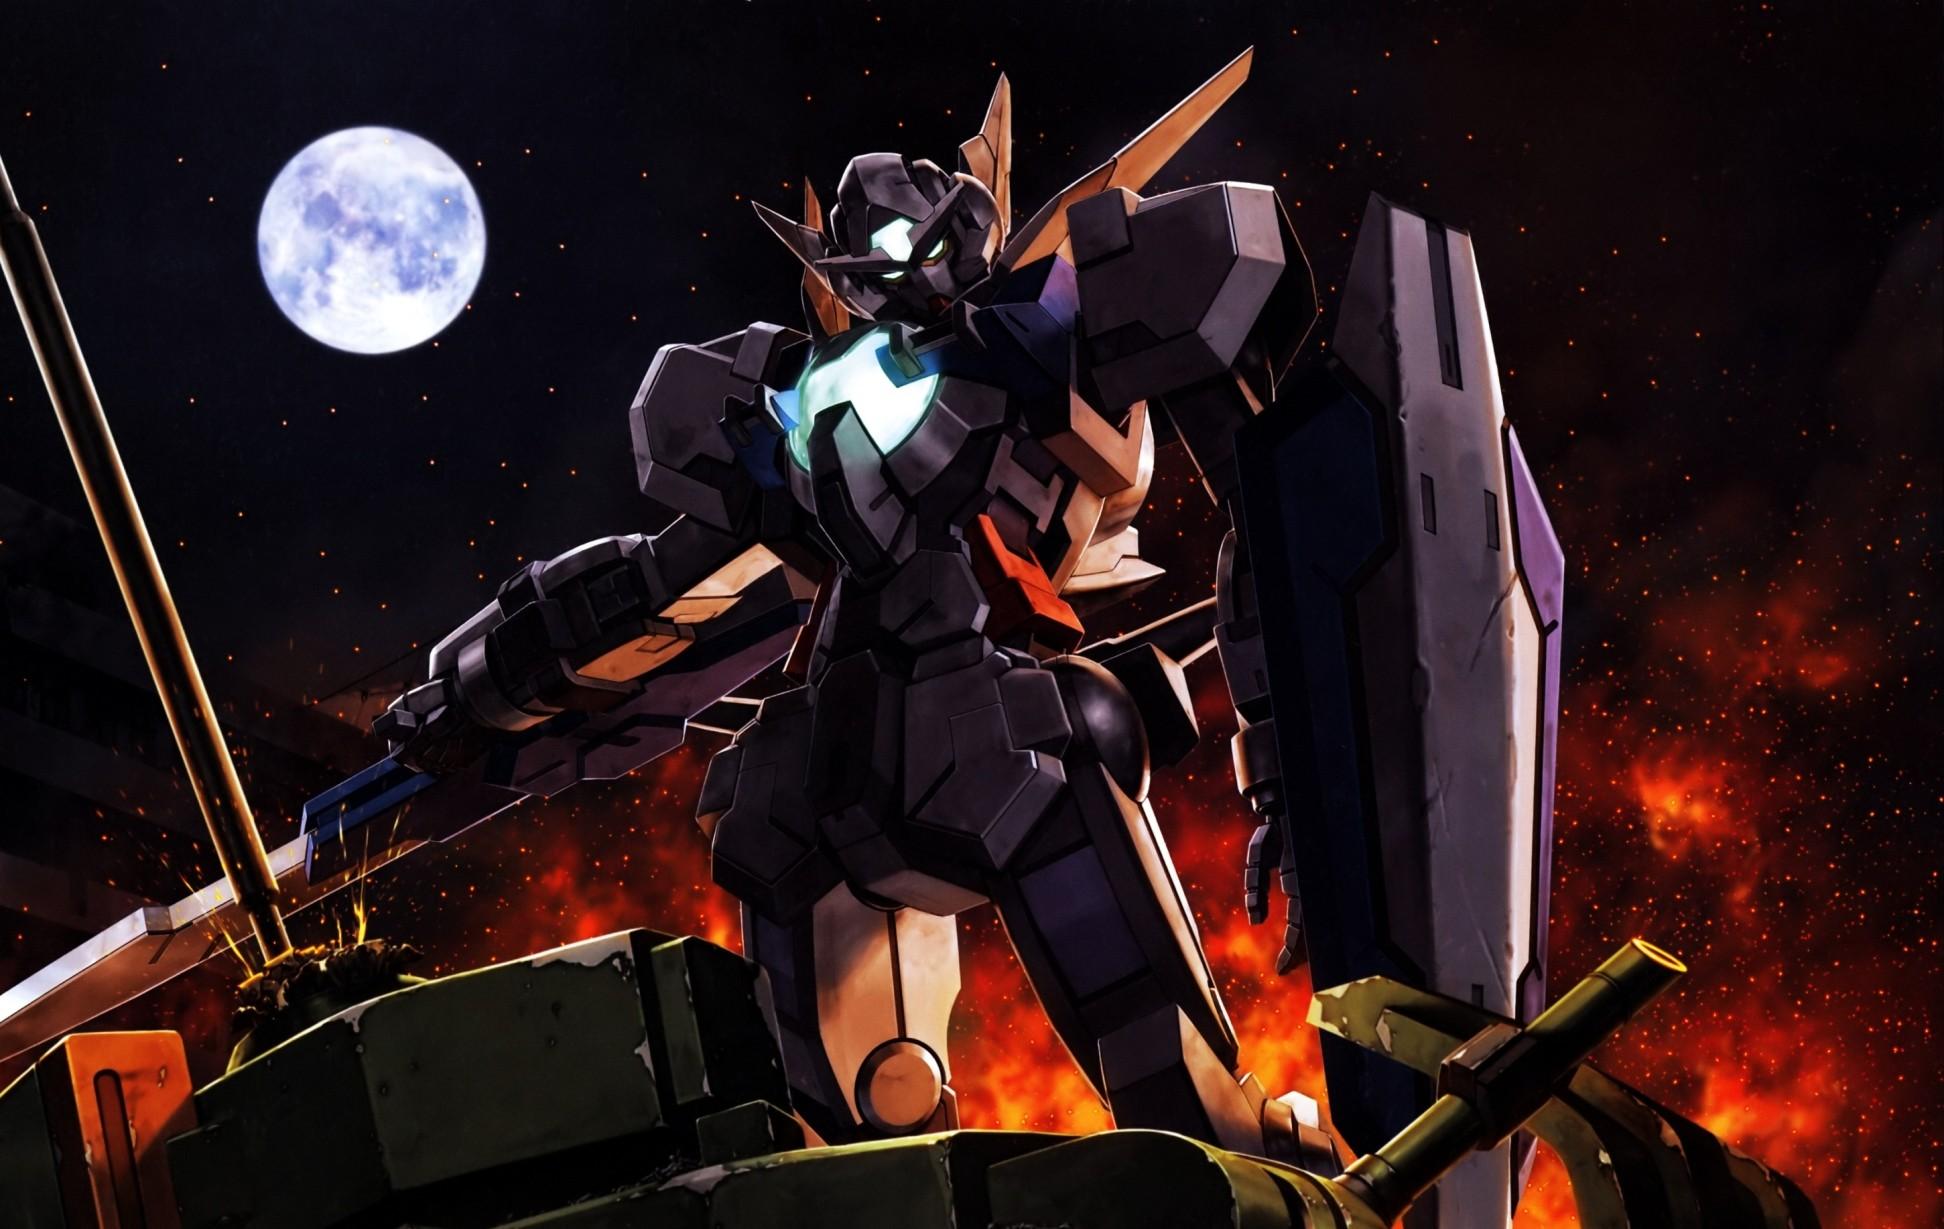 Gundam Exia Wallpaper 10 Background Wallpaper   Animewpcom 1944x1229